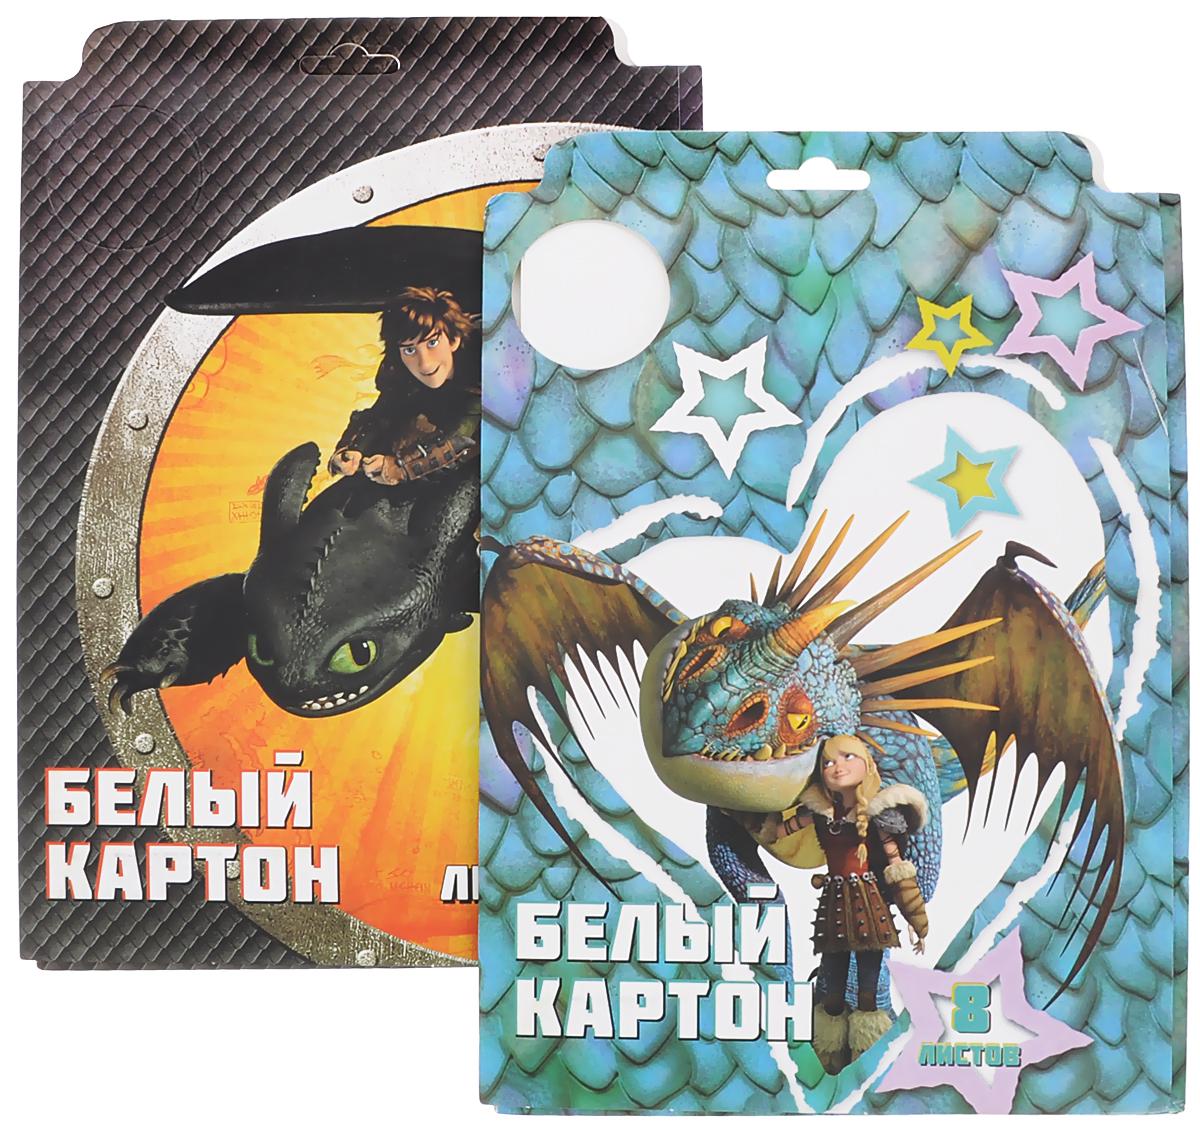 Action! Картон белый Dragons 8 листов 2 штDR-AWP-8/8_черный/зеленыйКартон мелованный белый Action! Dragons позволит вашему ребенку создавать всевозможные аппликации и поделки. Набор состоит из 8 листов картона белого цвета формата А4. Листы упакованы в оригинальную картонную папку, оформленную изображением героев Dragons. Создание поделок из картона поможет ребенку в развитии творческих способностей, кроме того, это увлекательный досуг. В комплекте 2 набора по 8 листов.